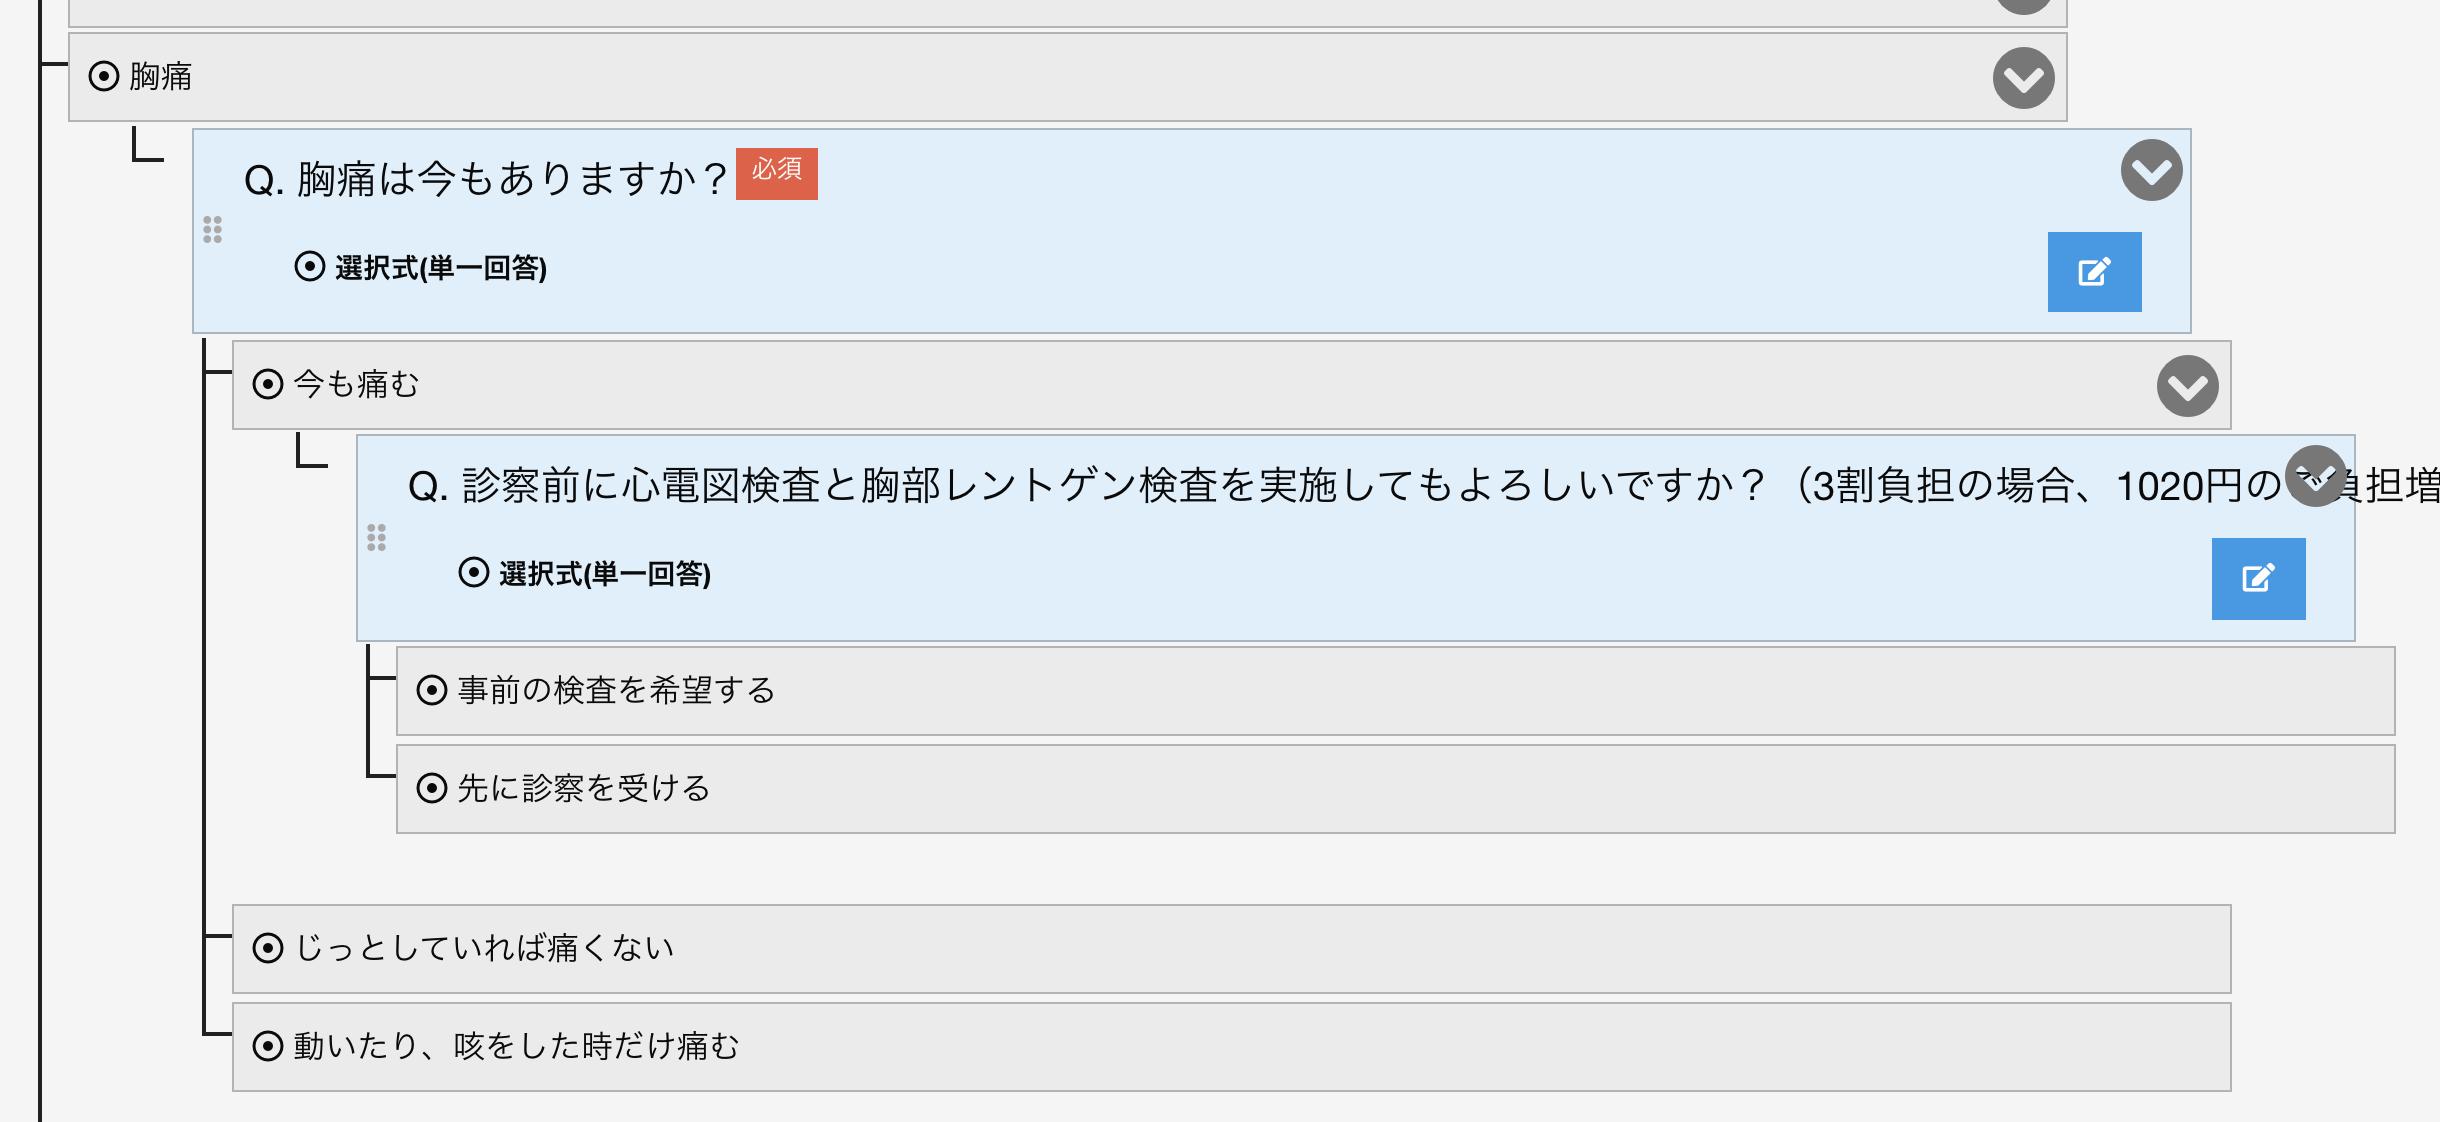 kinshicho-heart-monshin-6